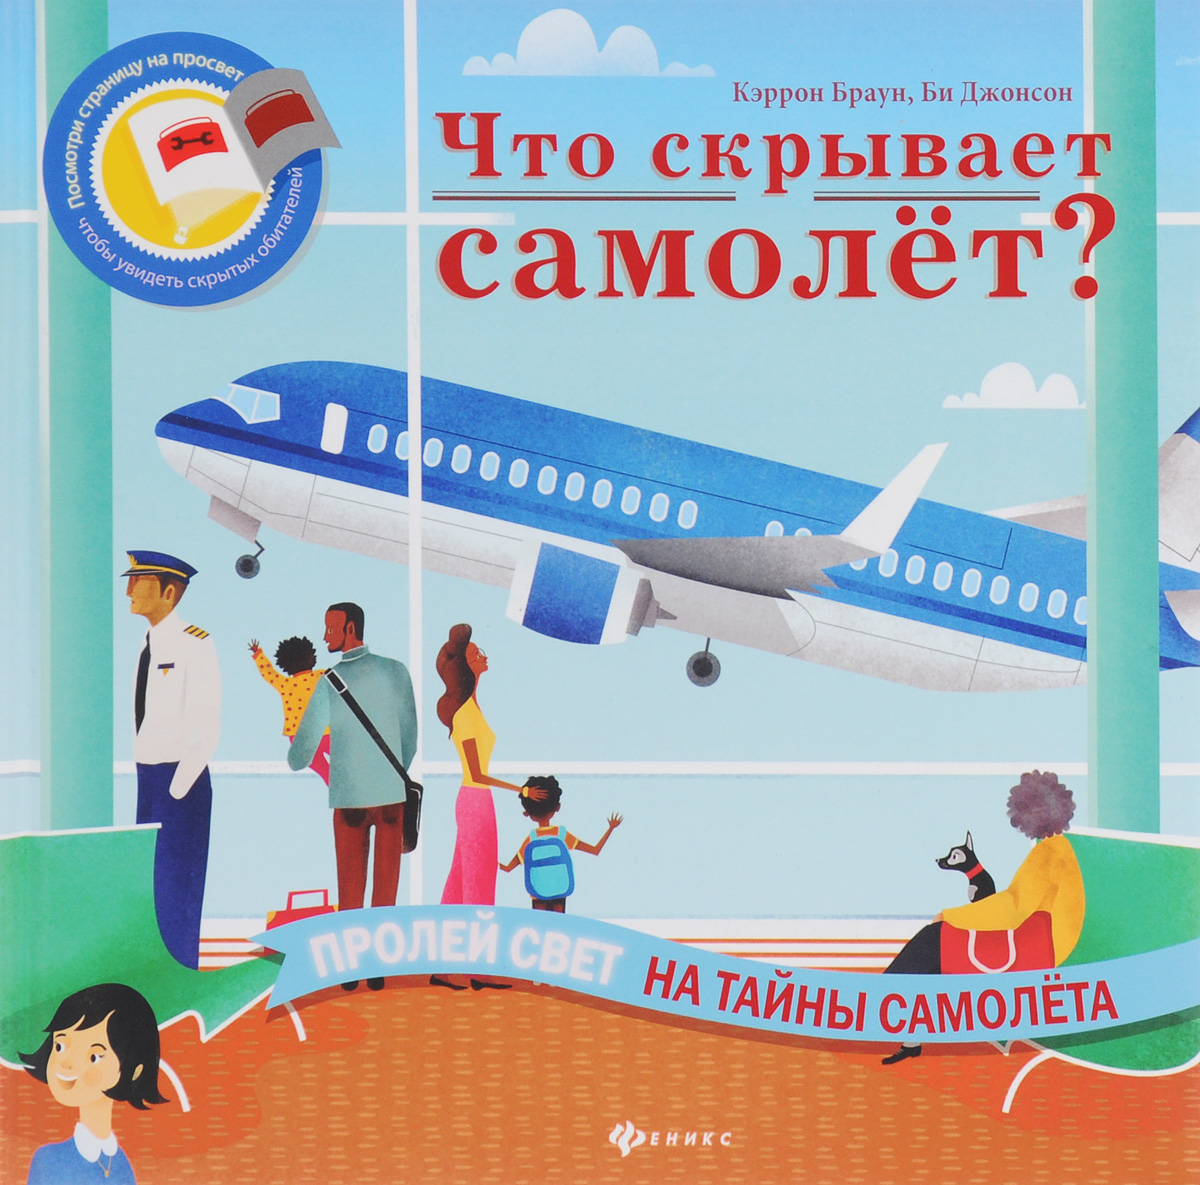 Кэррон Браун, Би Джонсон Что скрывает самолет? браун кэррон что скрывает стройка